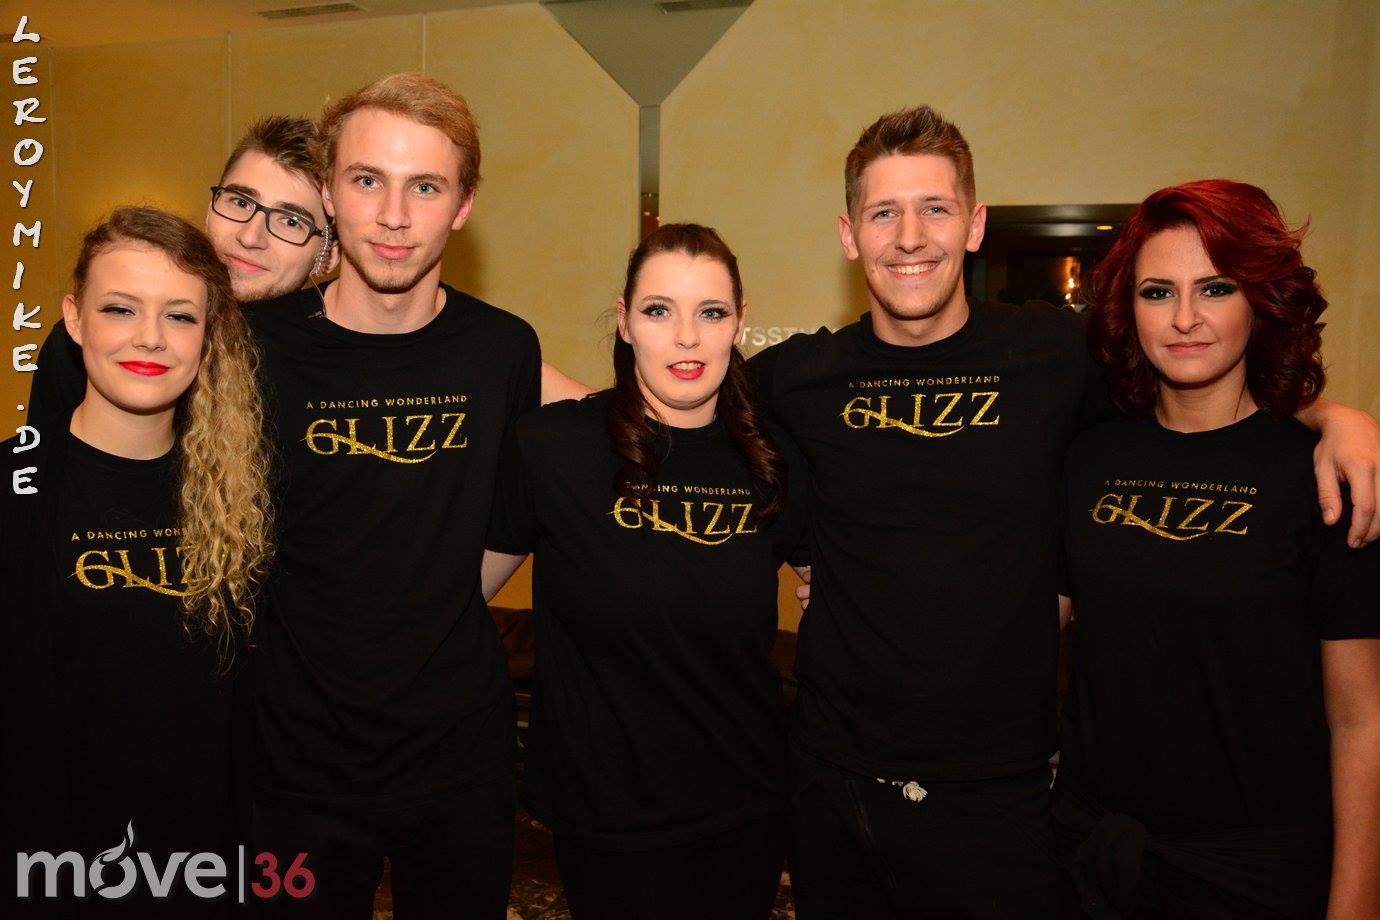 Glizz – a dancing wonderland StepsnStyle